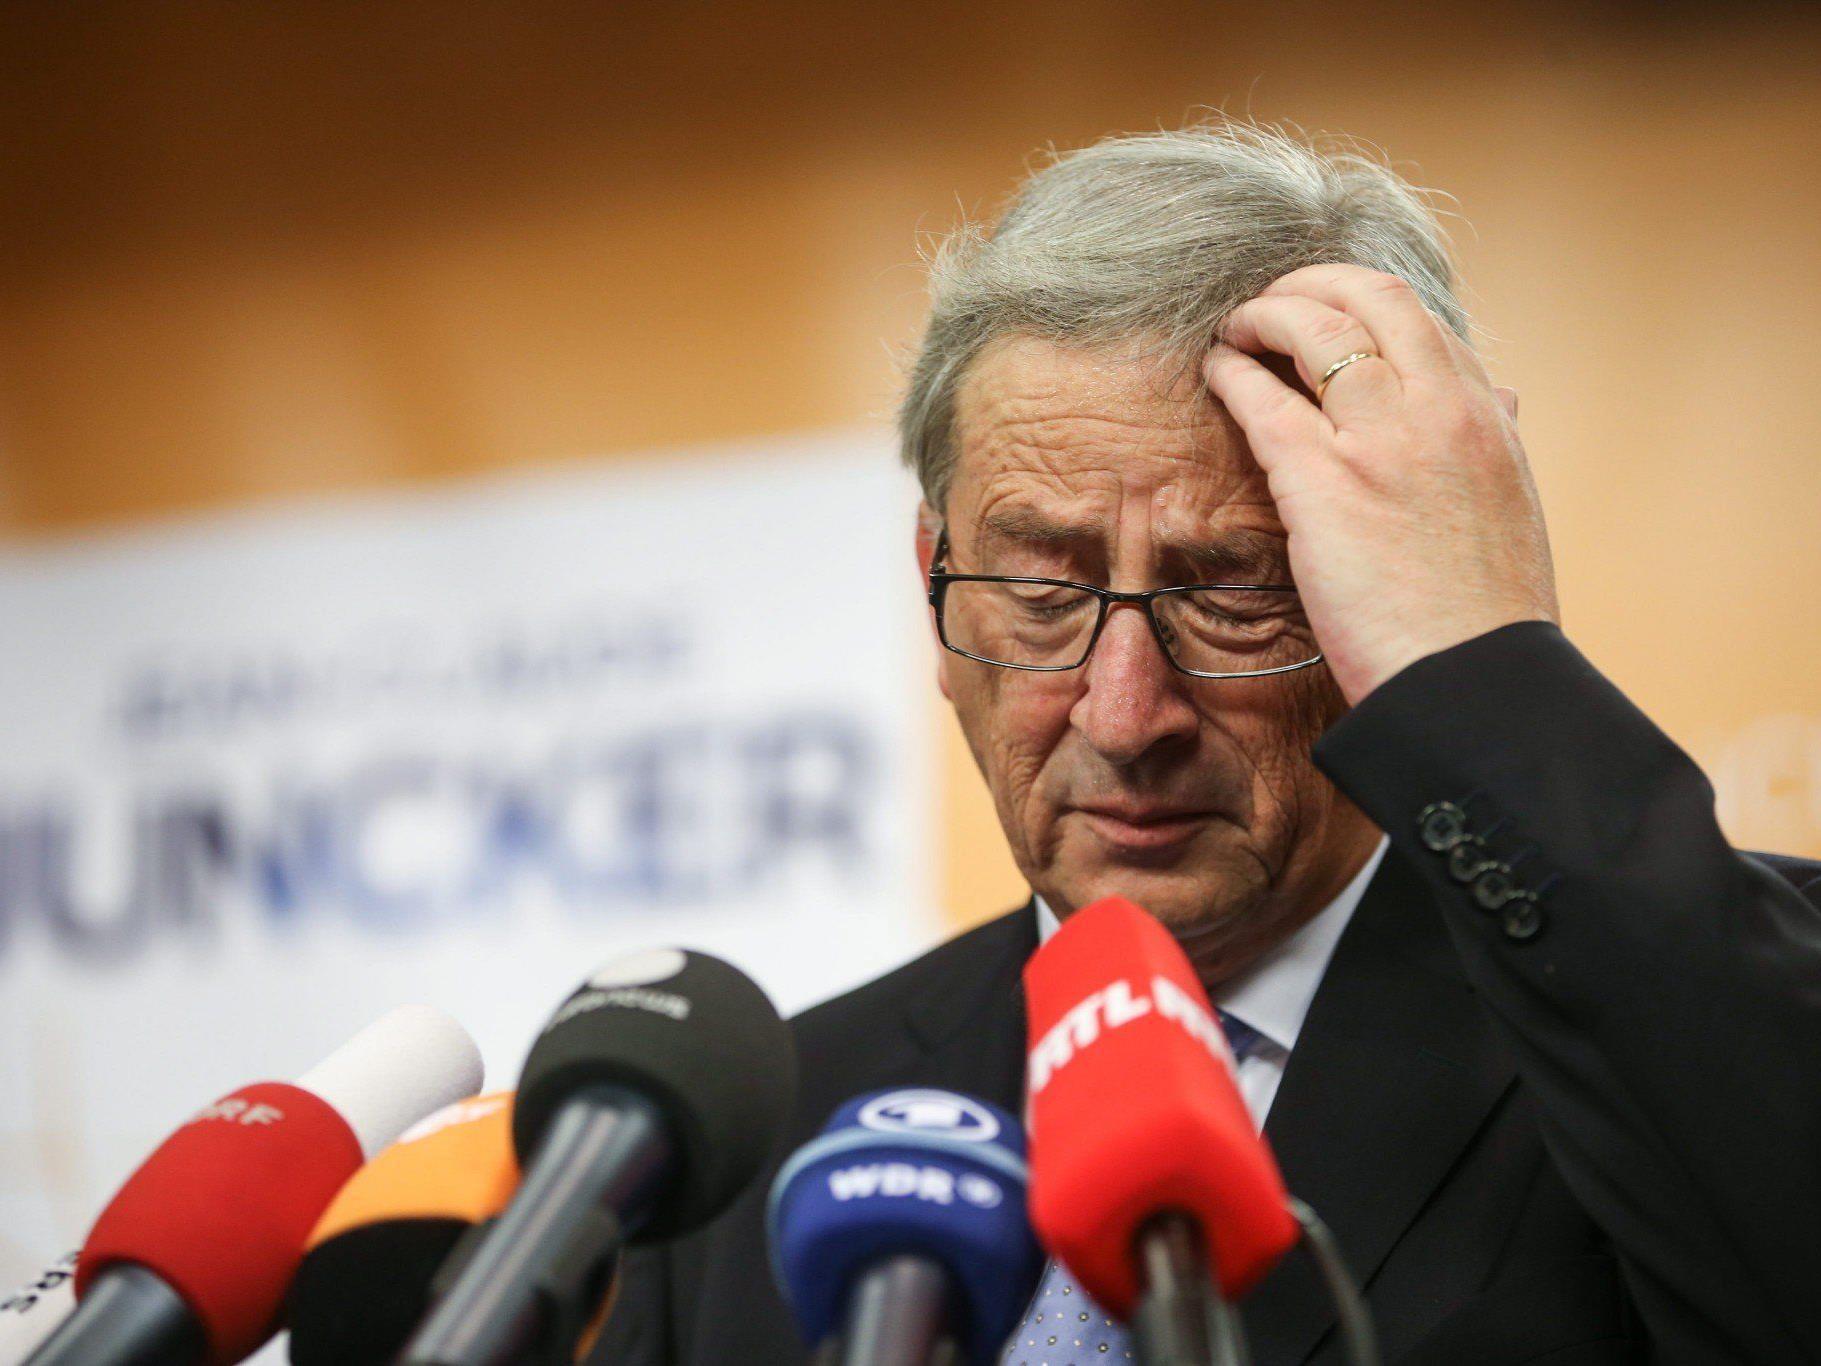 EU-Wahl - Kreise: Juncker wird nicht Kommissionspräsident